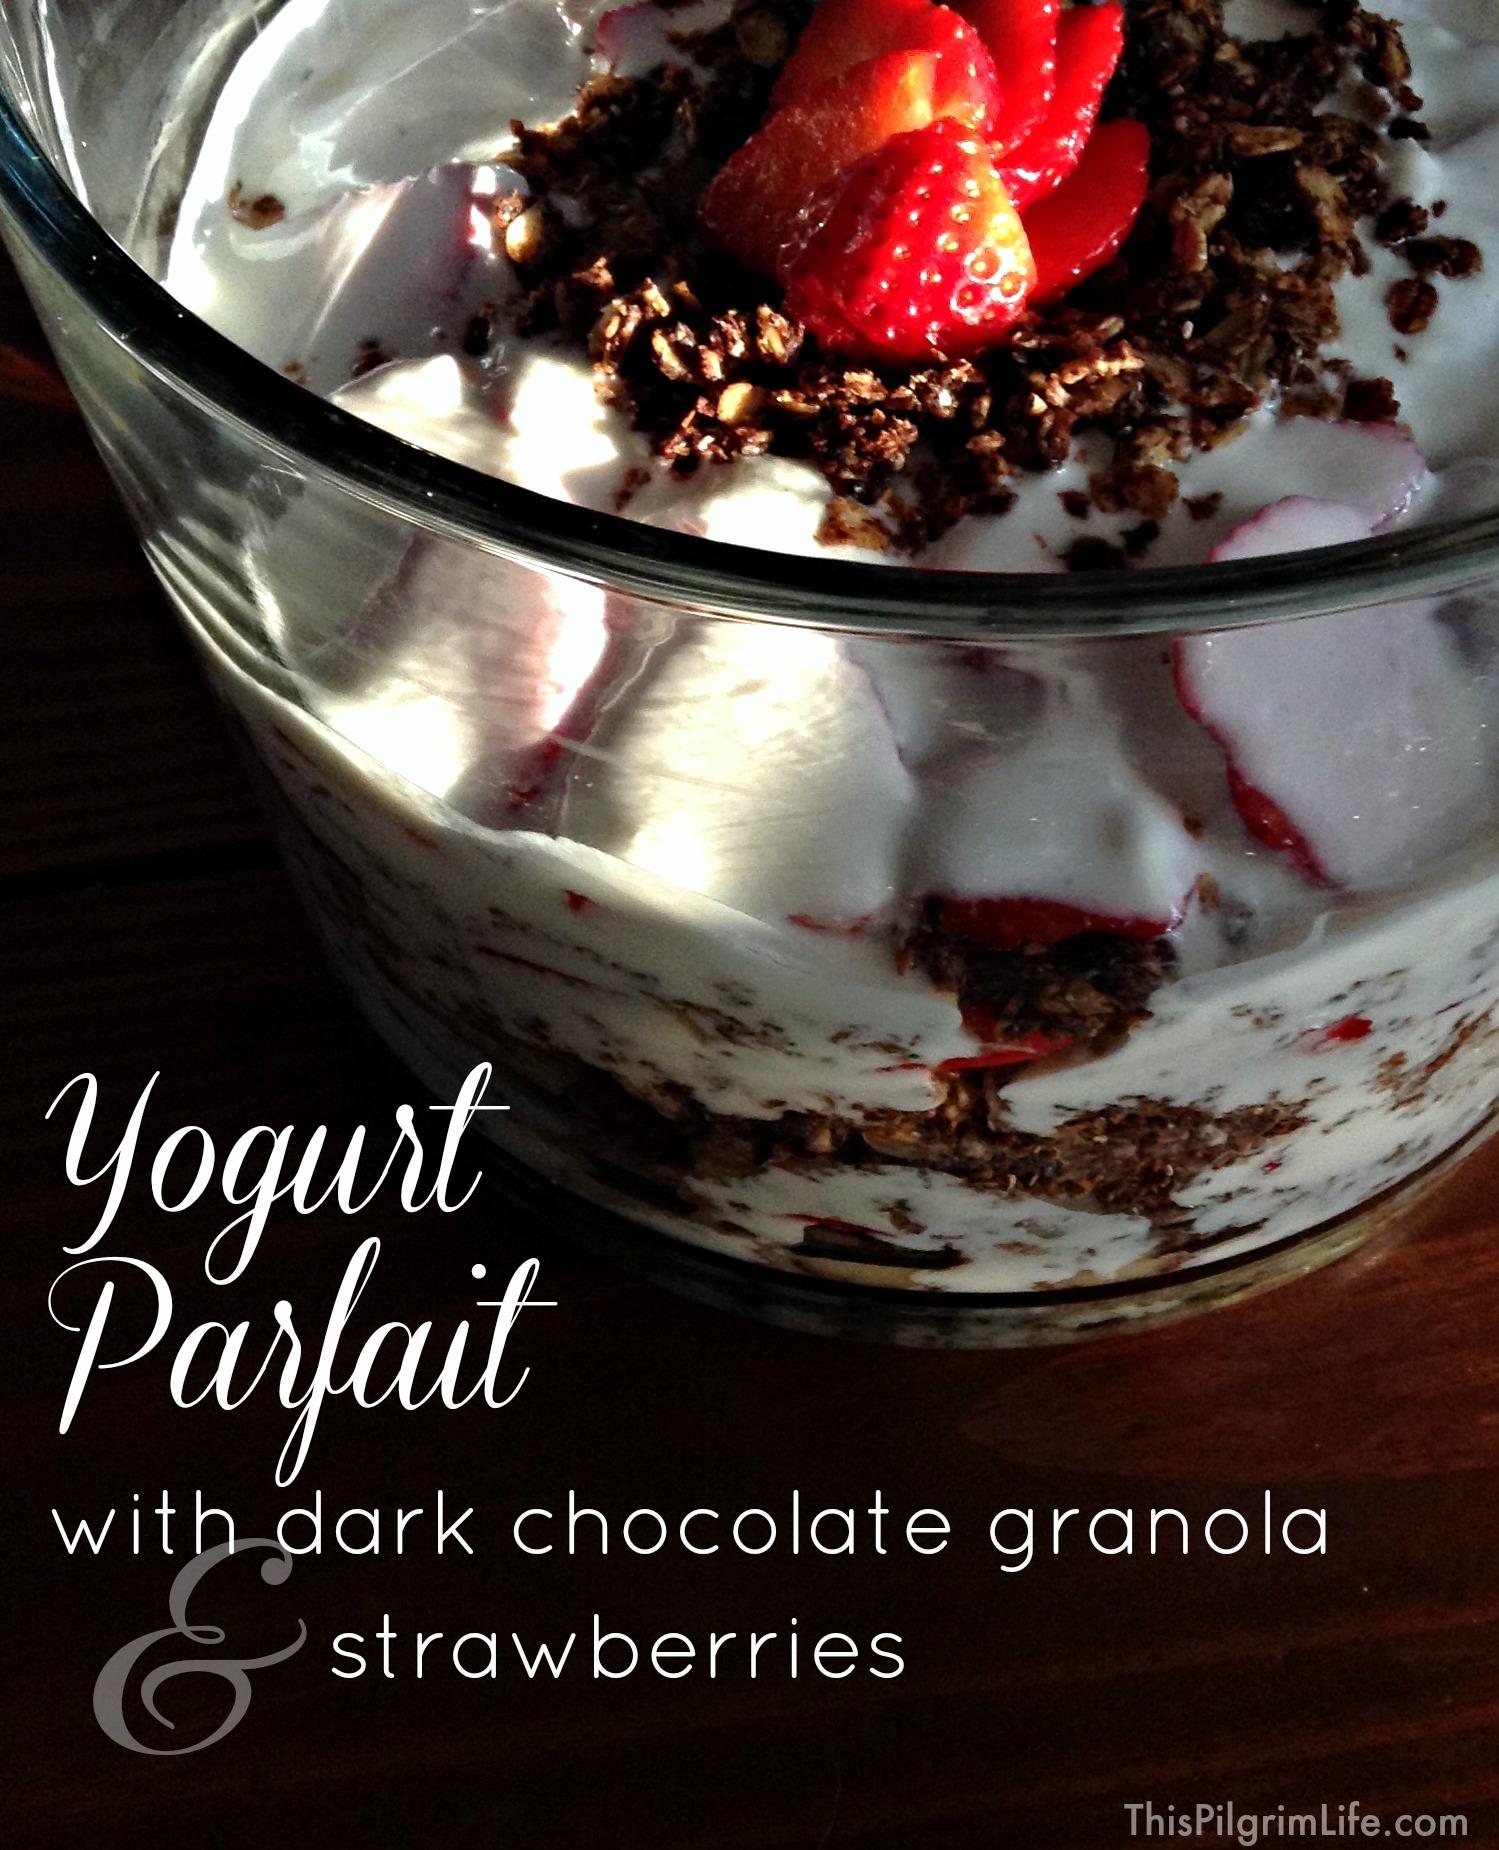 Yogurt Parfait with Dark Chocolate Granola & Strawberries